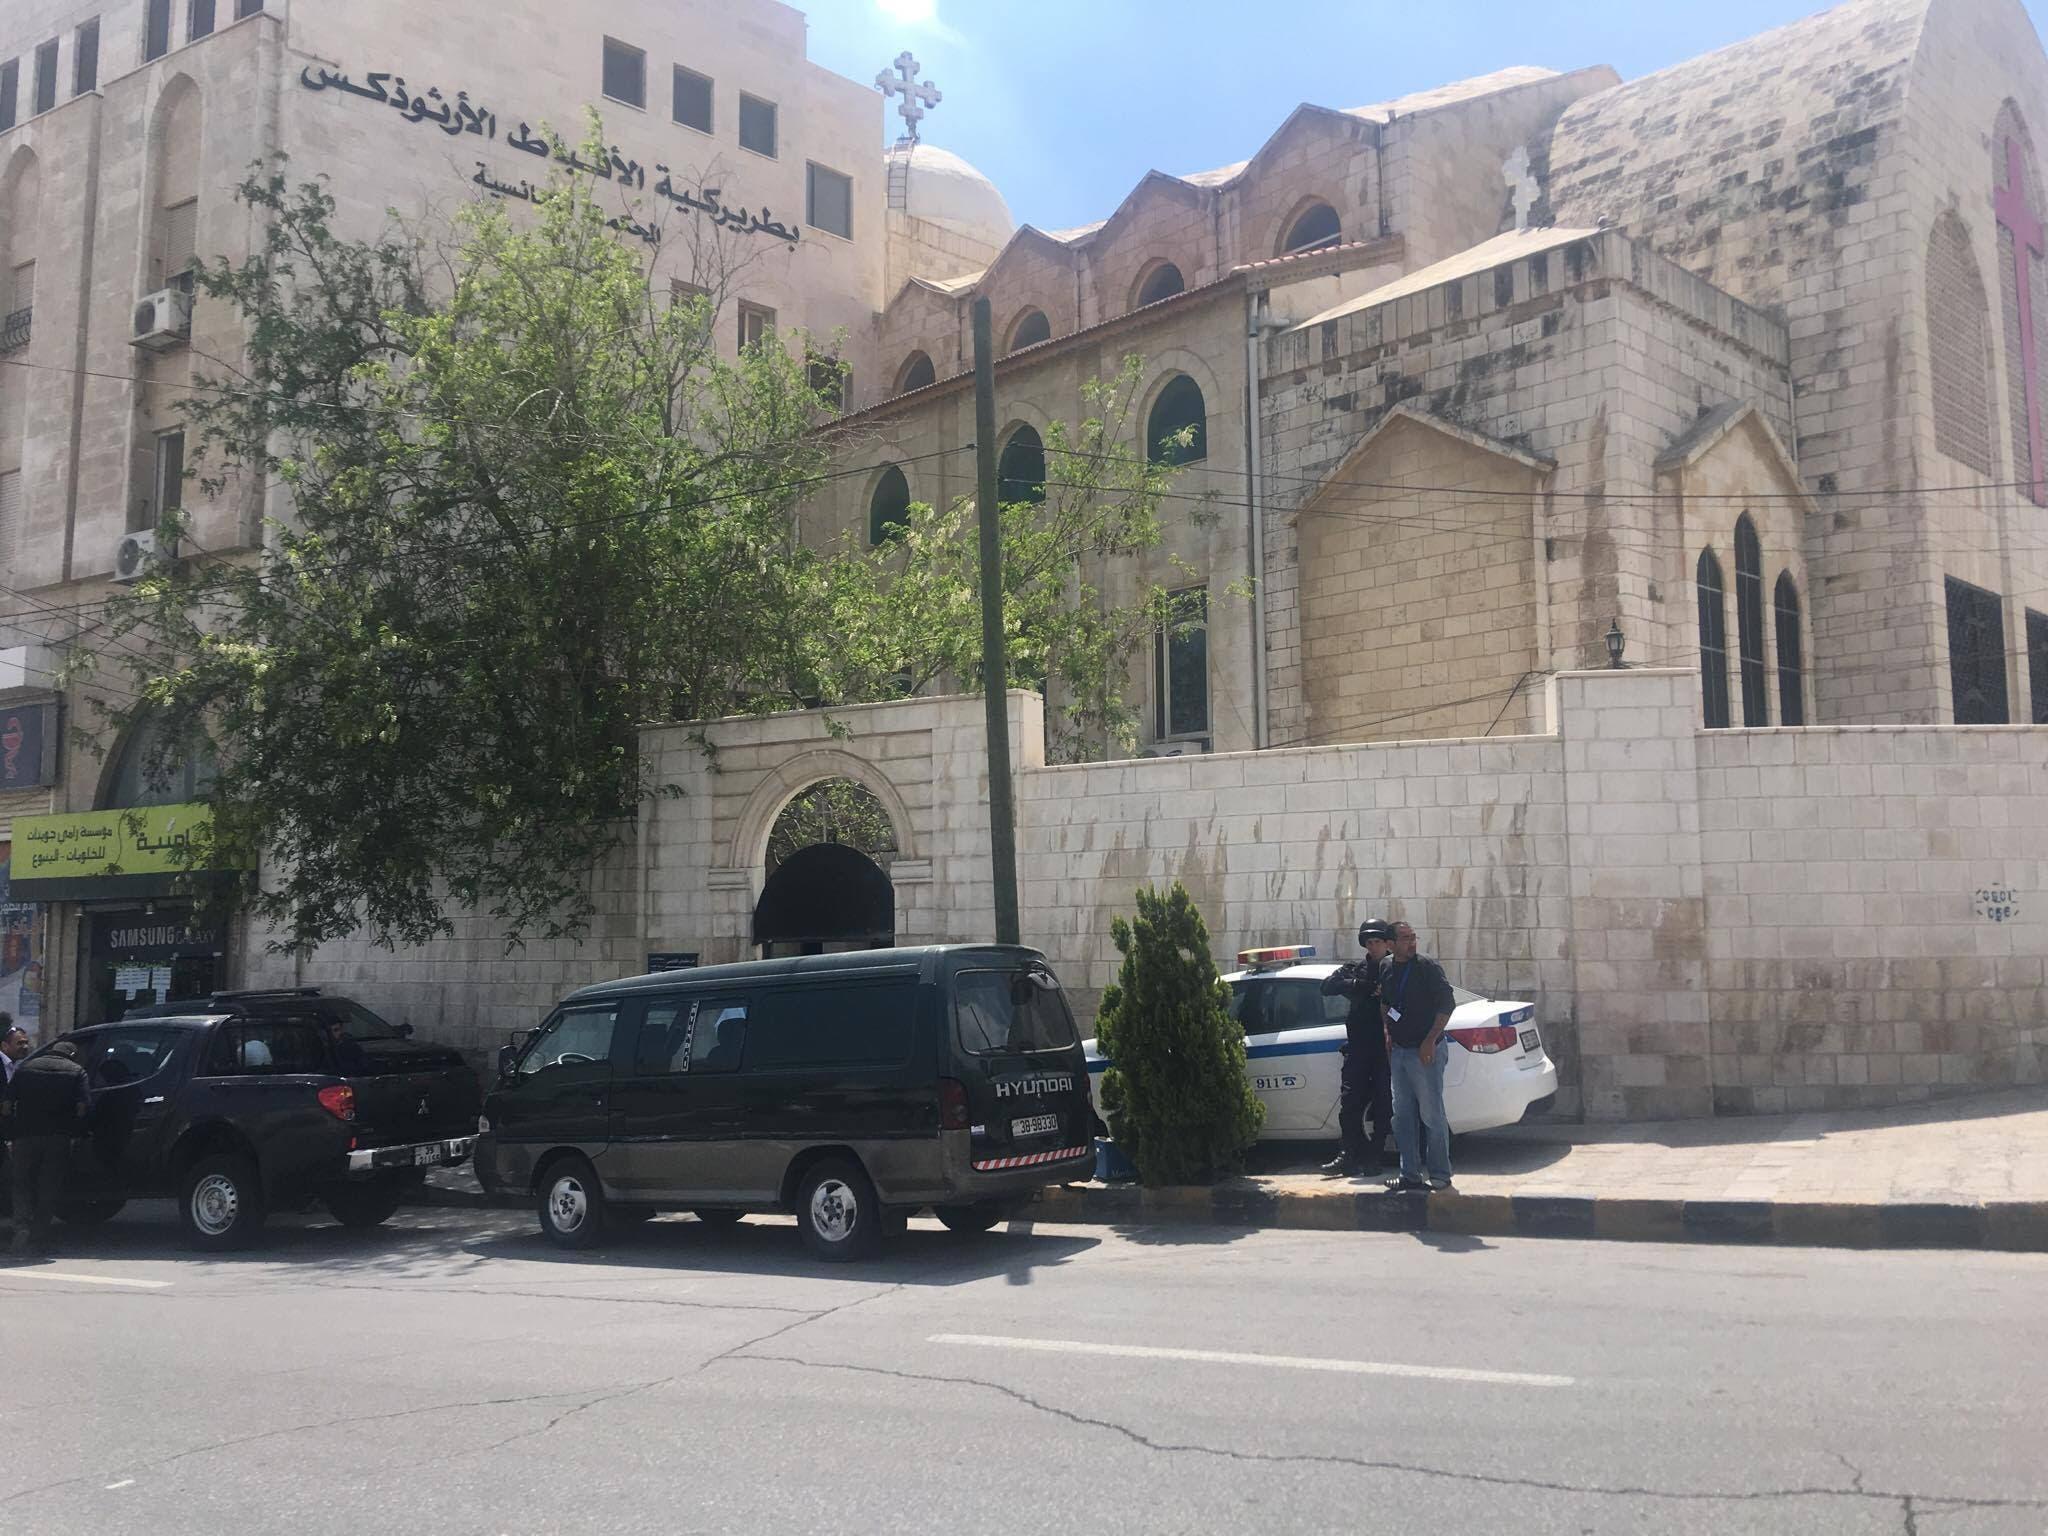 d9e467907 وتقف سيارات مدنية إلى جانب الدوريات الأمنية أمام بعض الكنائس، وهي تعود  للأمن الوقائي والمخابرات، أي عند الكنيسة الواحدة تتواجد ثلاثة أجهزة أمنية  مختلفة ...